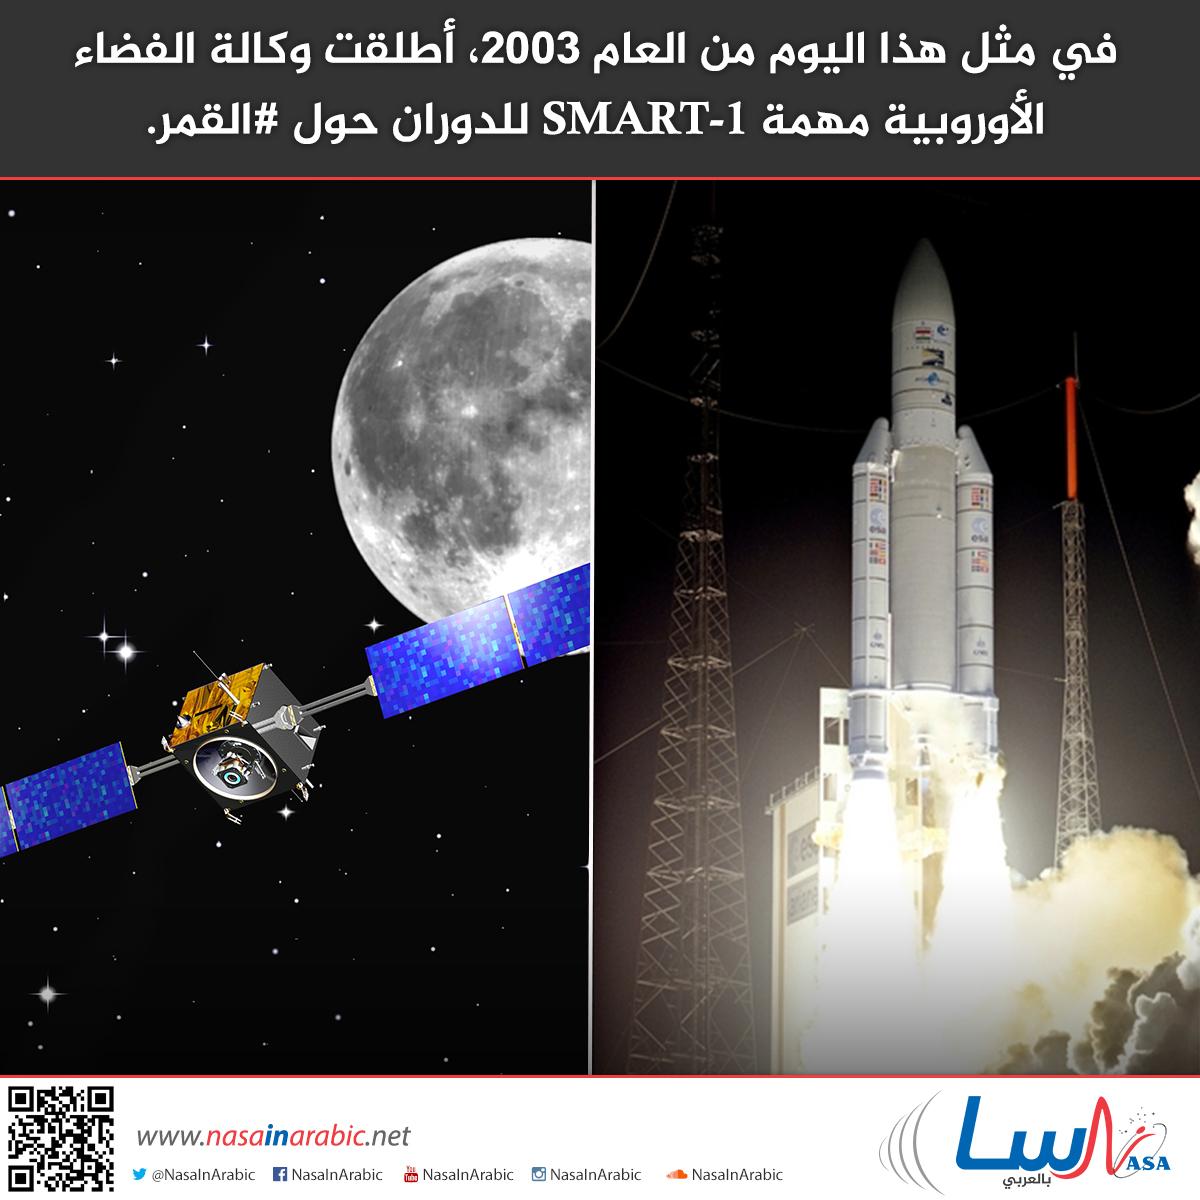 في مثل هذا اليوم من العام 2003، أطلقت وكالة الفضاء الأوروبية مهمة SMART-1 للدوران حول القمر